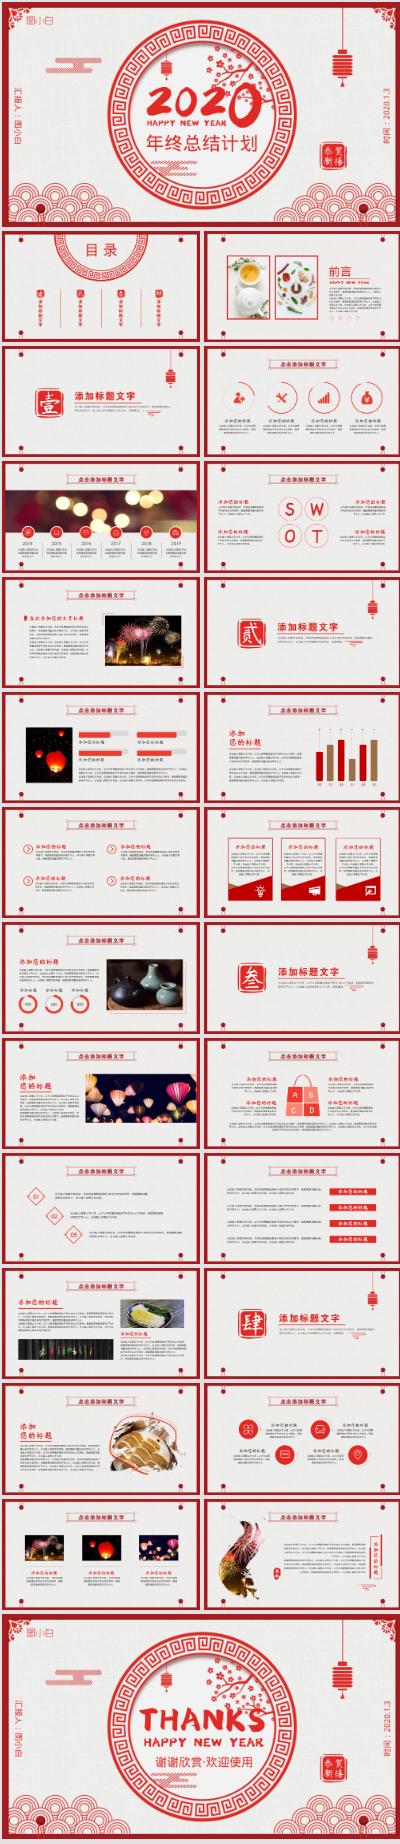 红色简约中国风年终工作汇报模板